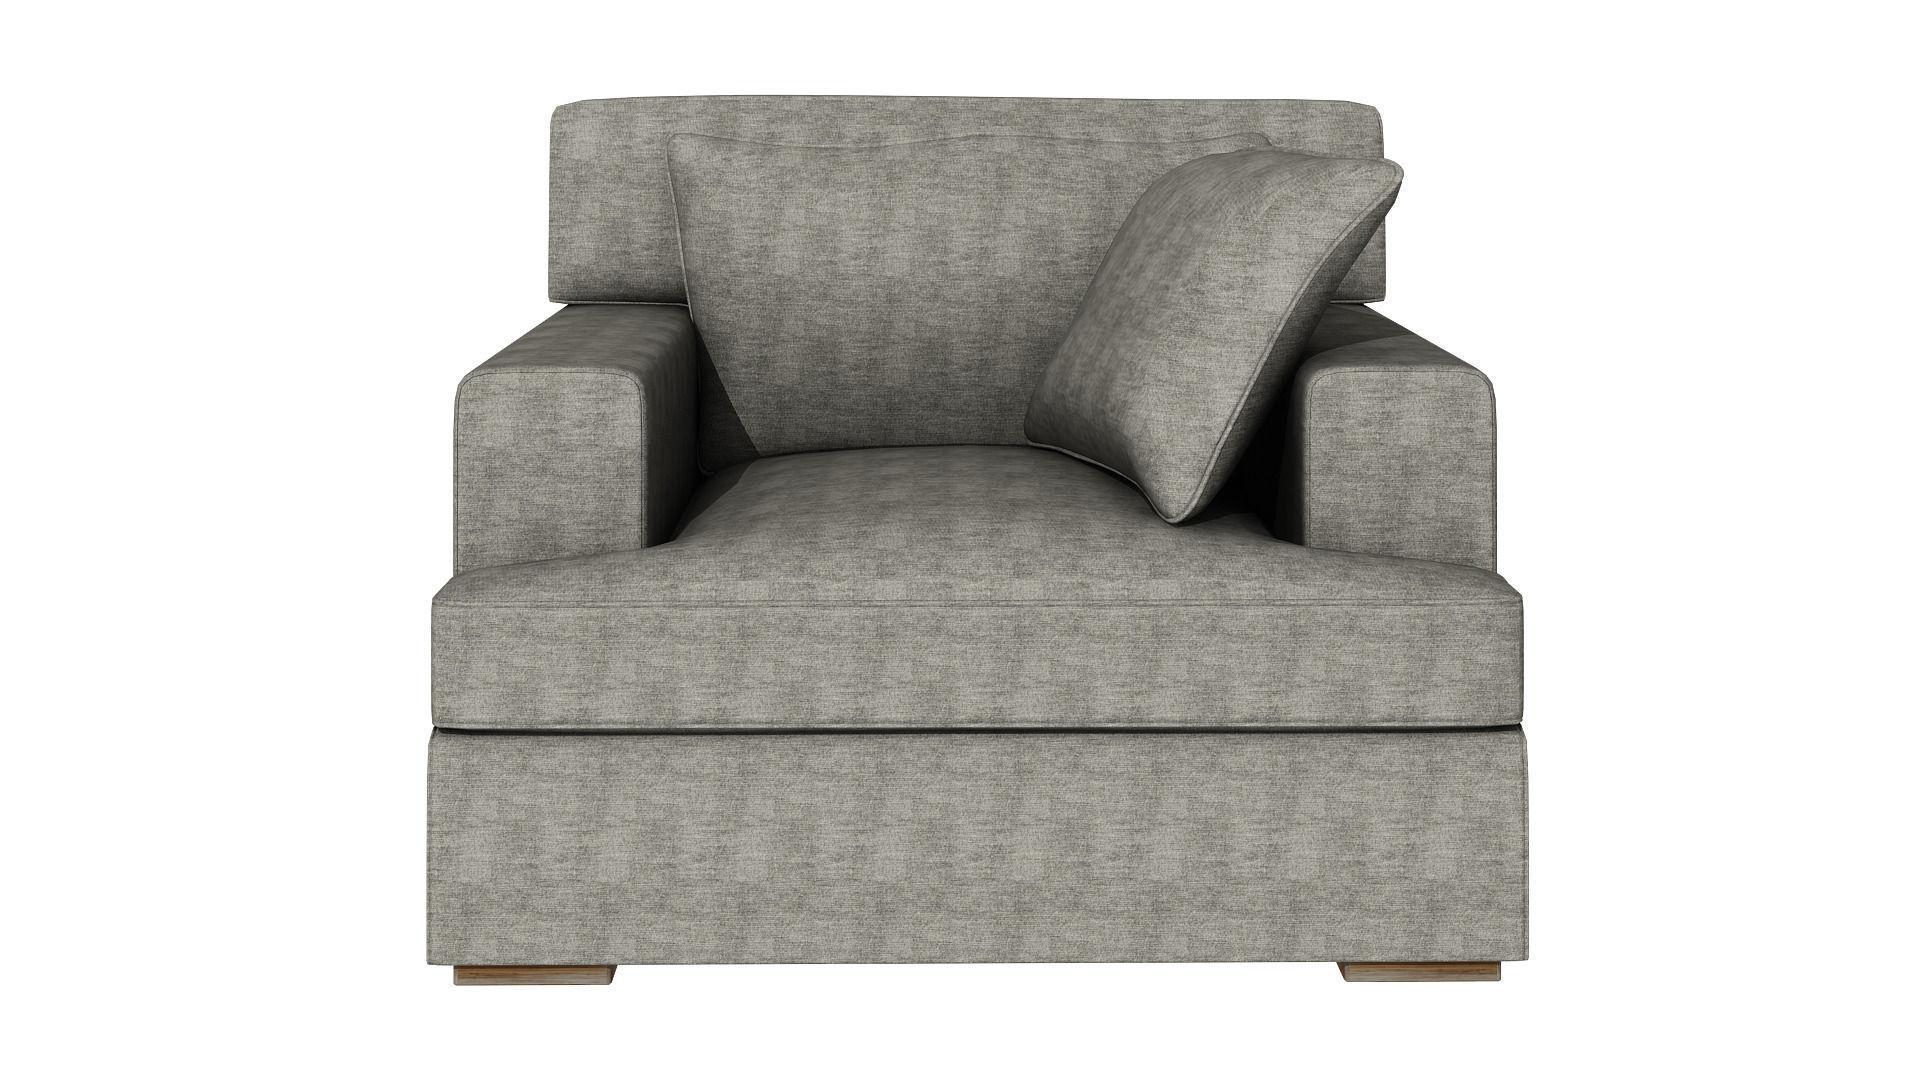 sofa for one person infosofa co